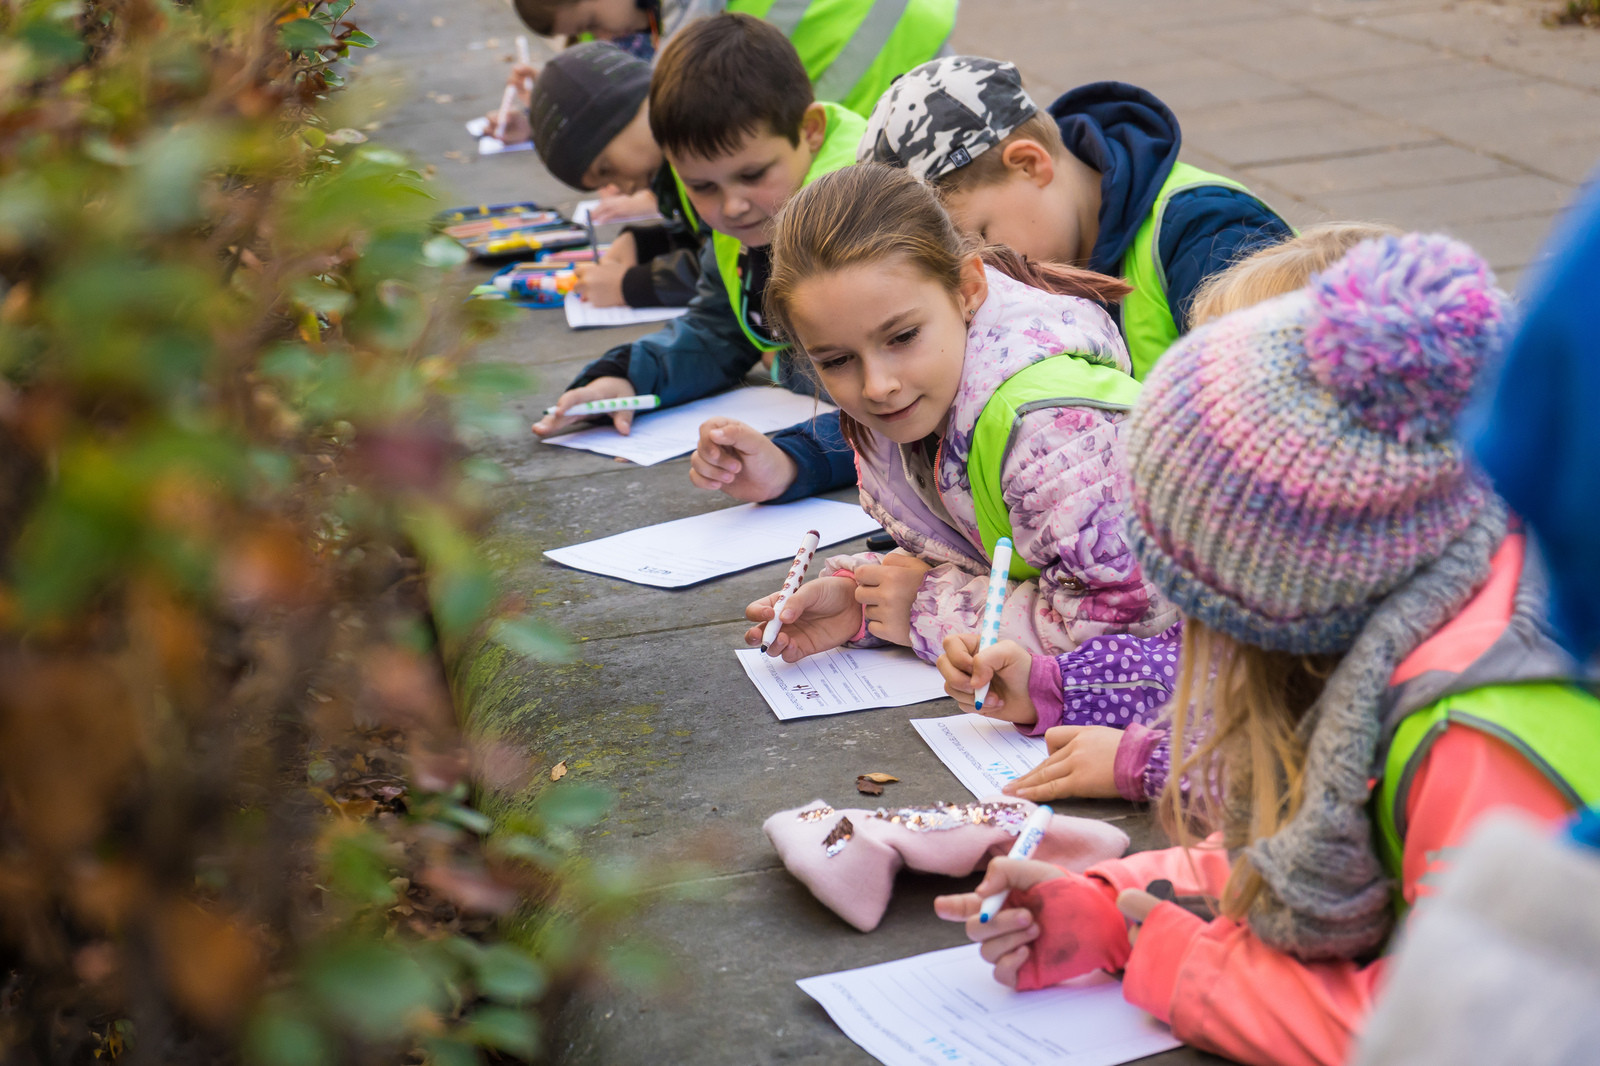 Grupa dzieci oparta o kamienny murek, zapisuje coś na kartkach..